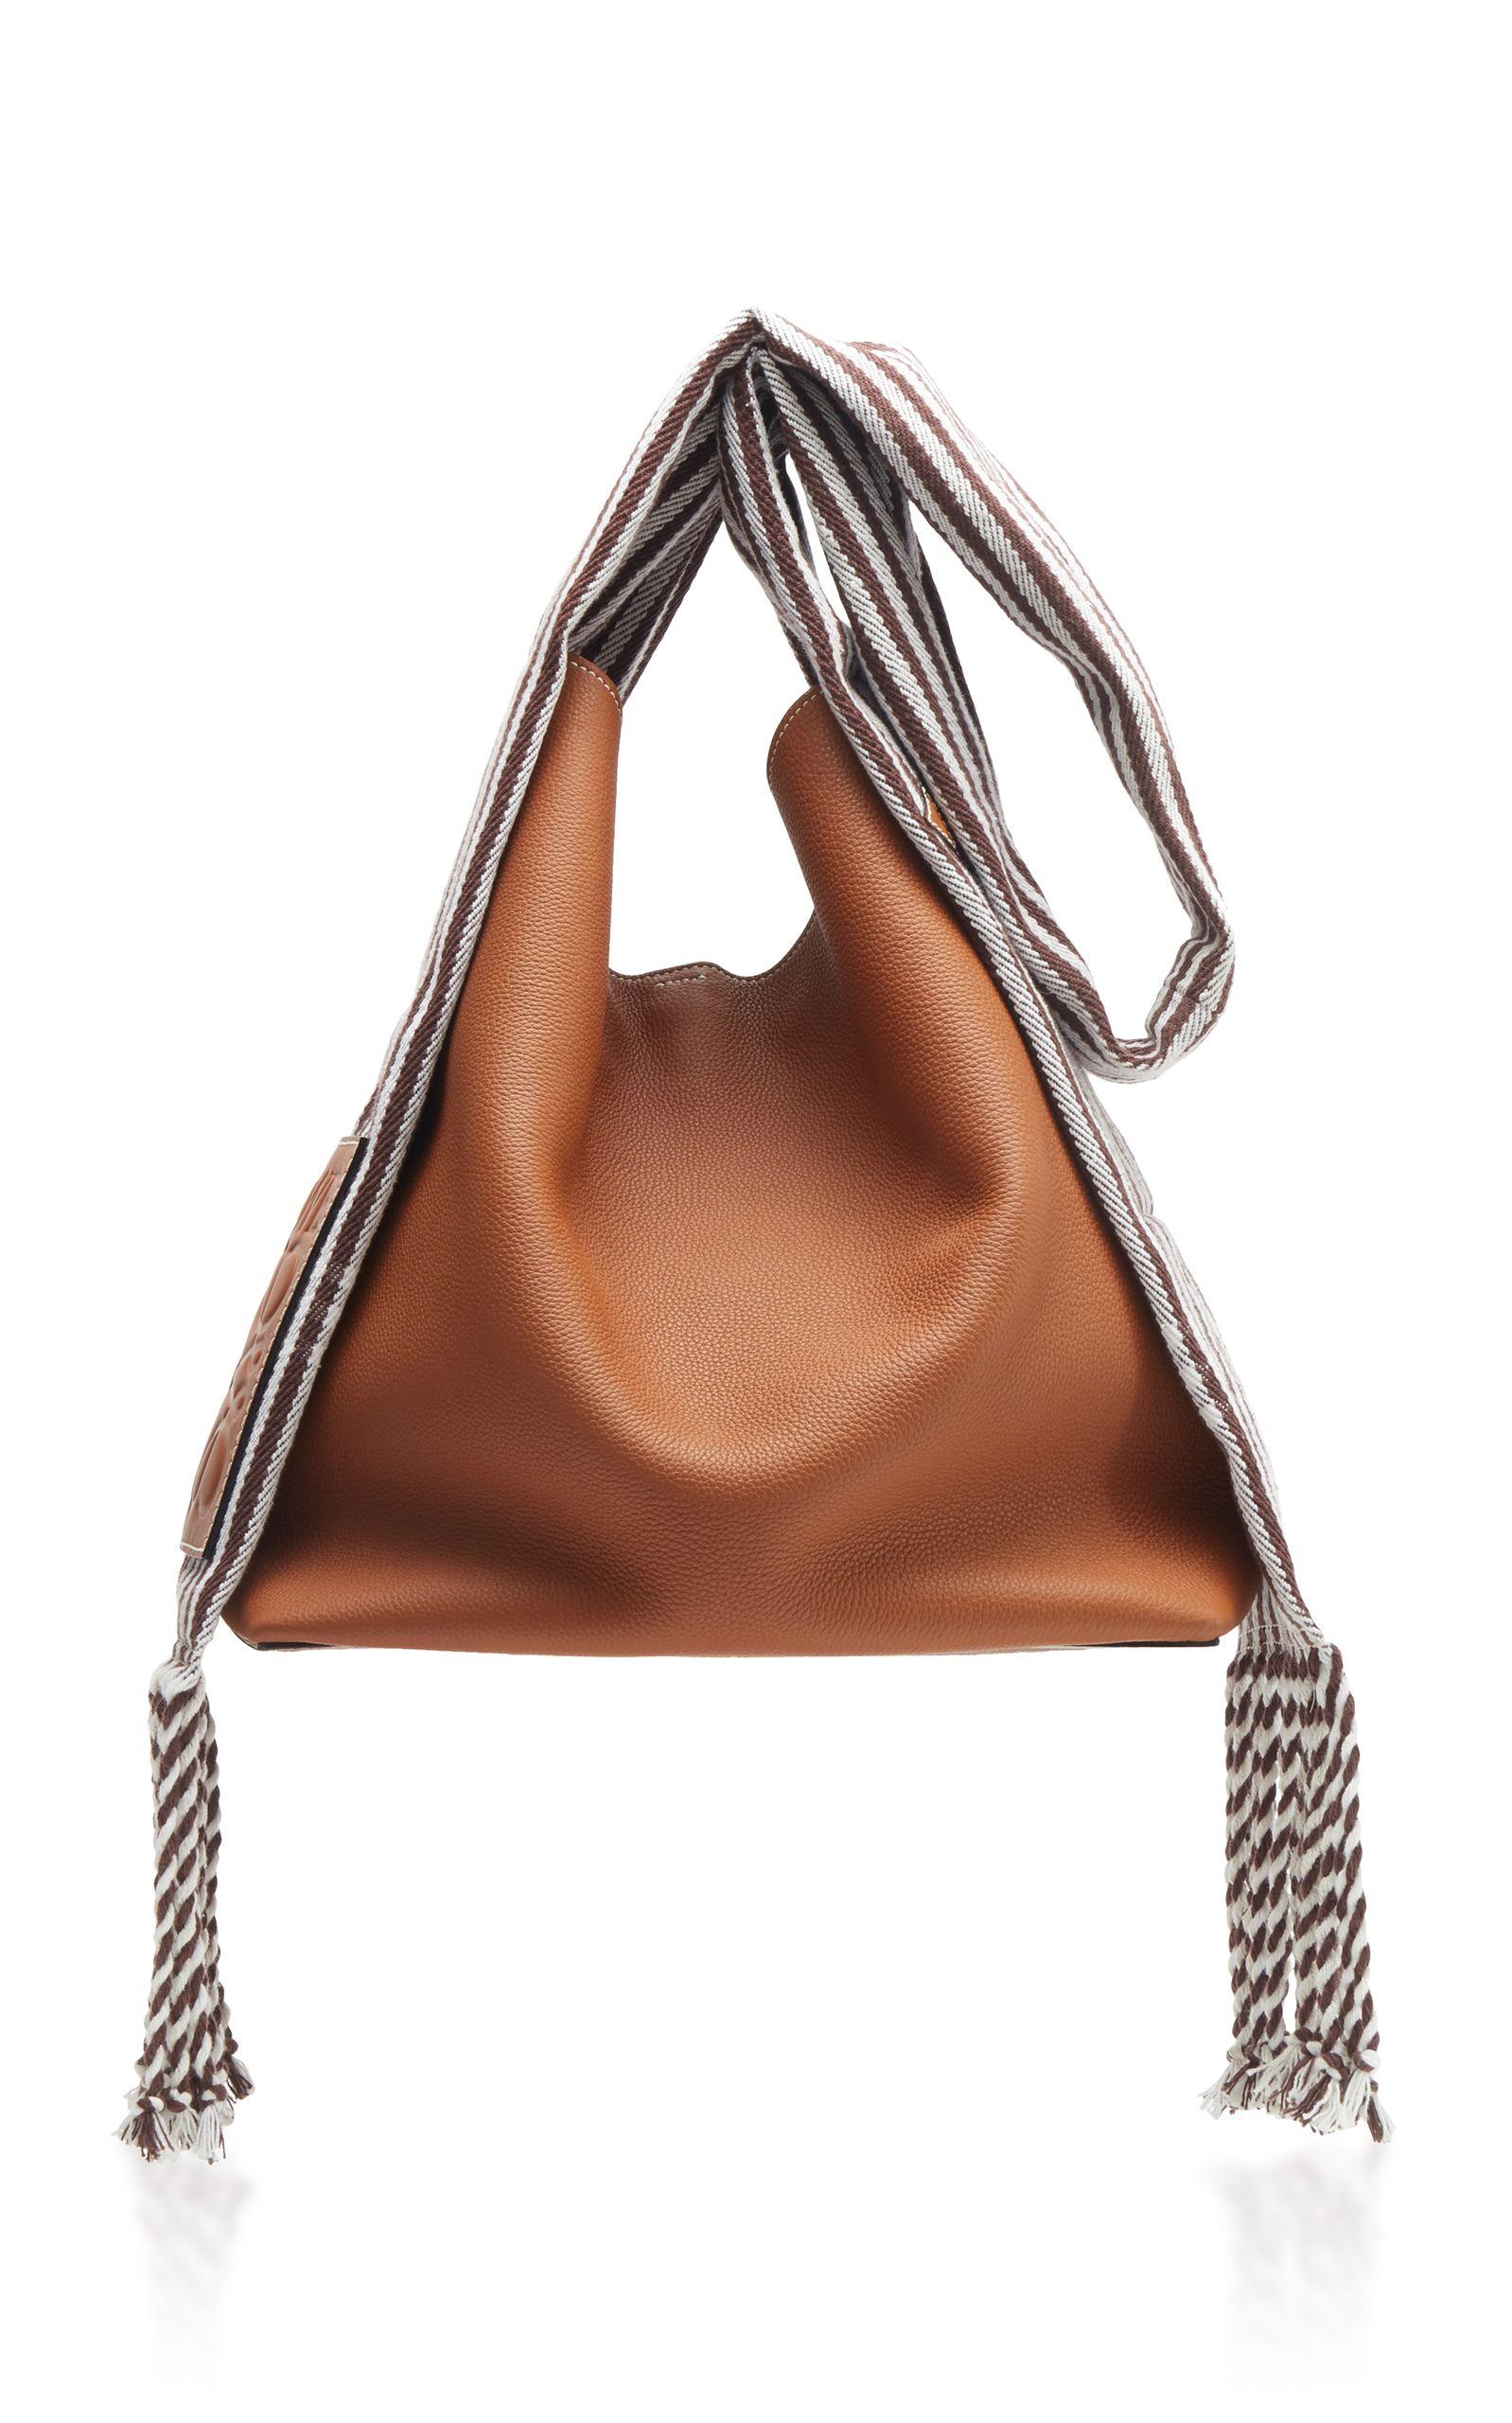 Loewe Bufanda Bucket Loewe Bag Bufanda gxUSnEW8